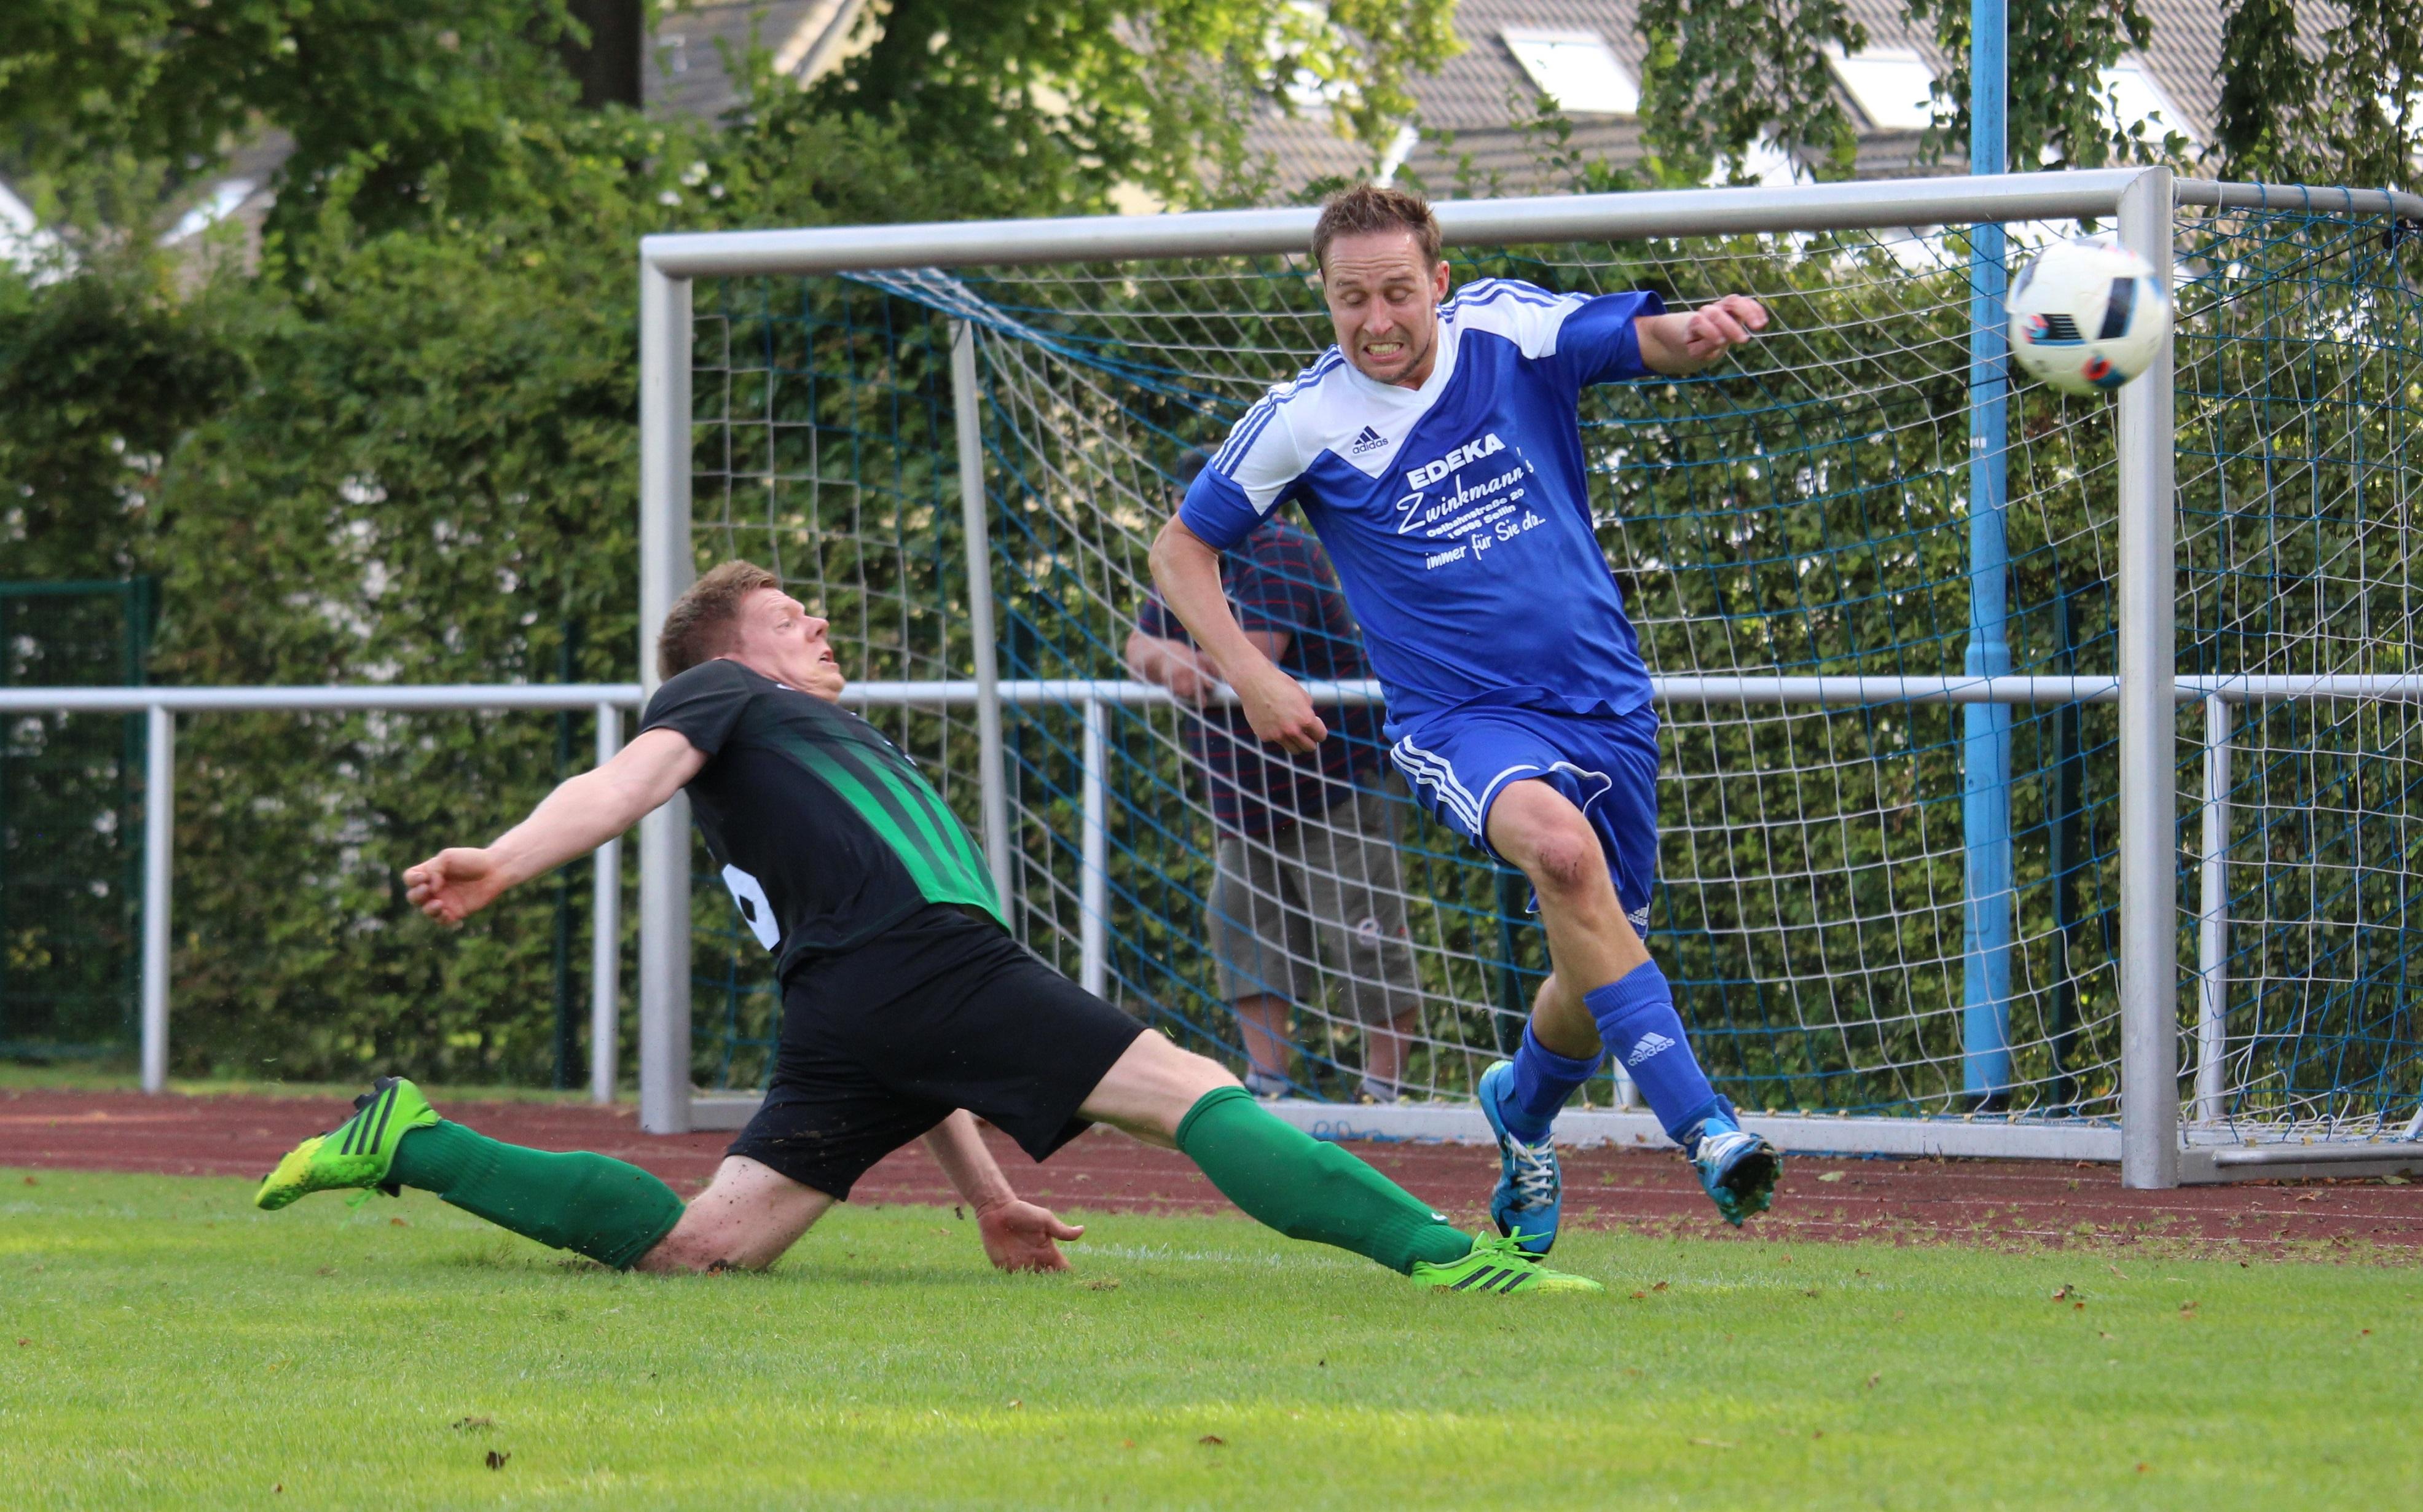 M. Gebhardt (r./Hinspielszene) erzielte das 2:0